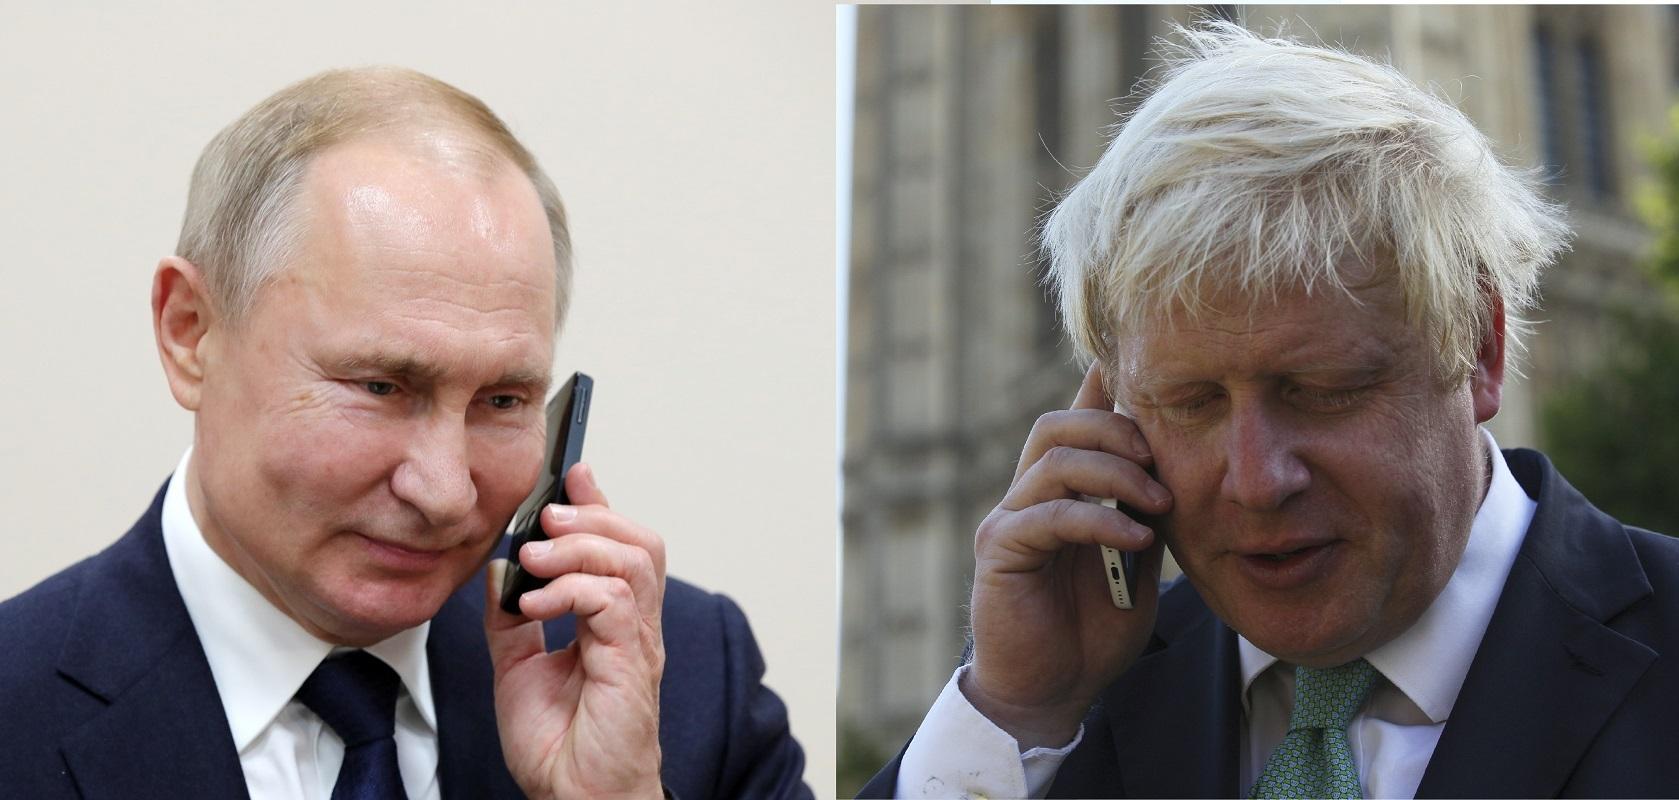 الرئس الروسي، فلاديمير بوتين، ورئيس الوزراء البريطاني، بوريس جونسون